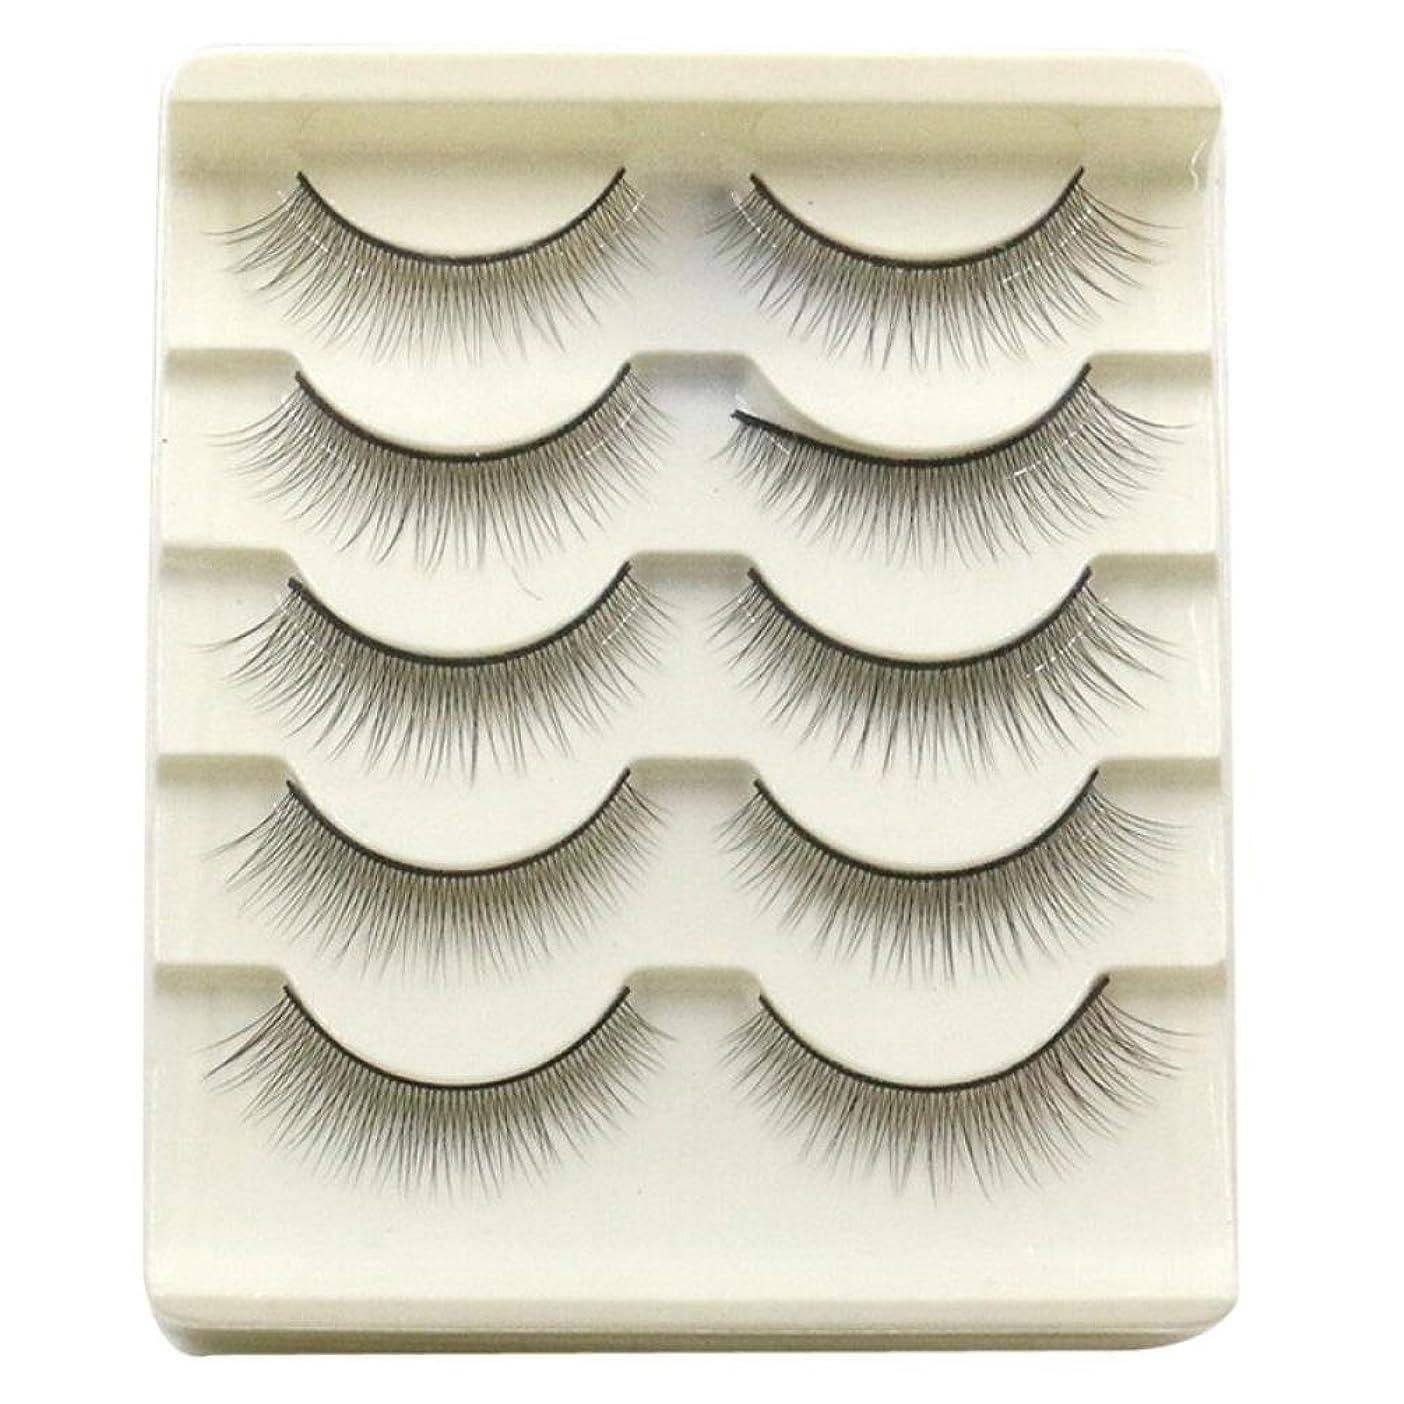 前にまたは錆びFeteso 5ペア つけまつげ 上まつげ Eyelashes アイラッシュ ビューティー まつげエクステ レディース 化粧ツール アイメイクアップ 人気 ナチュラル ふんわり 装着簡単 綺麗 極薄